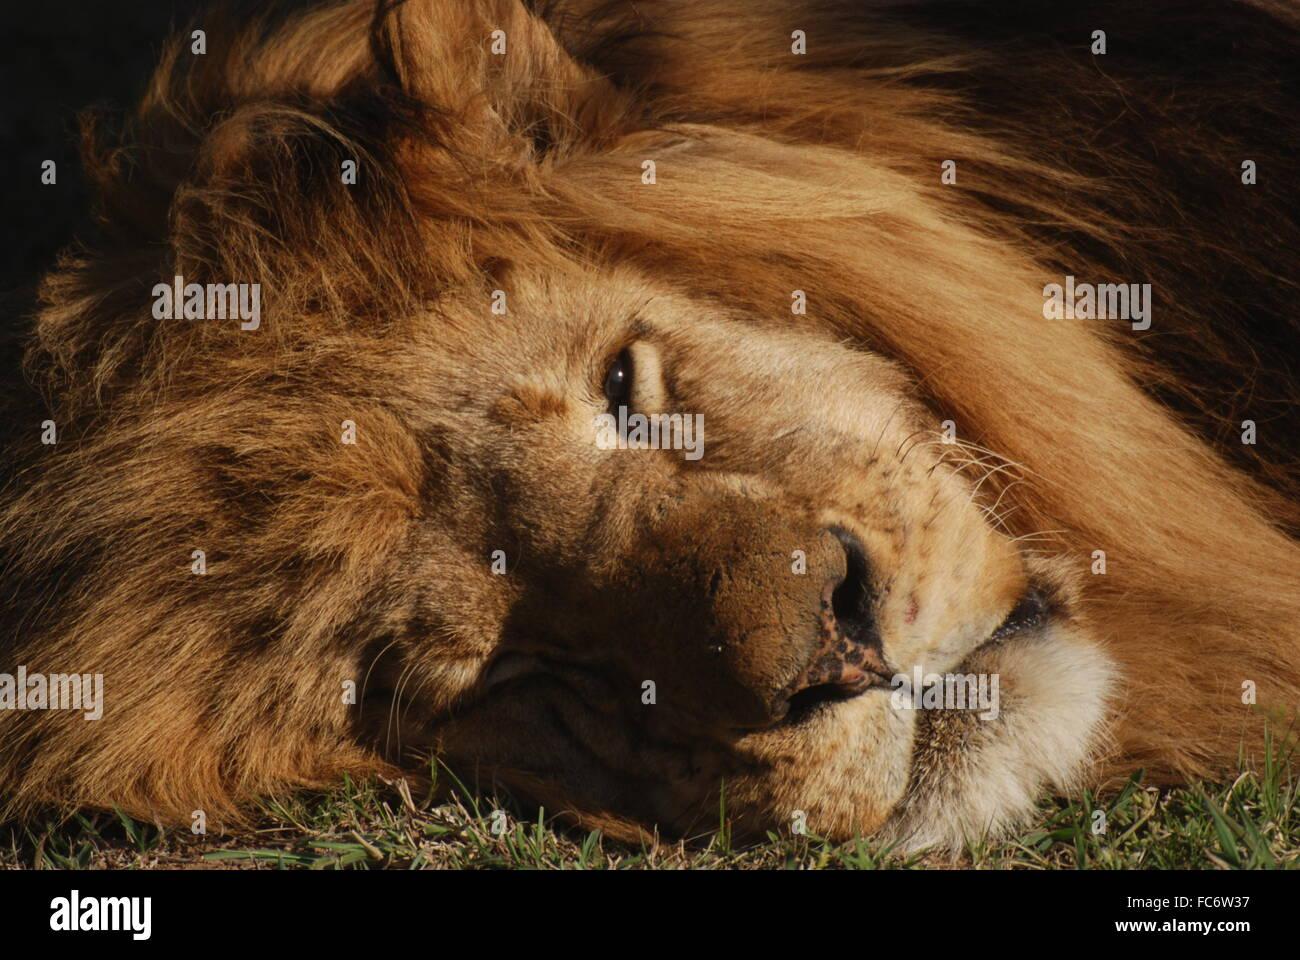 dozing lion - Stock Image